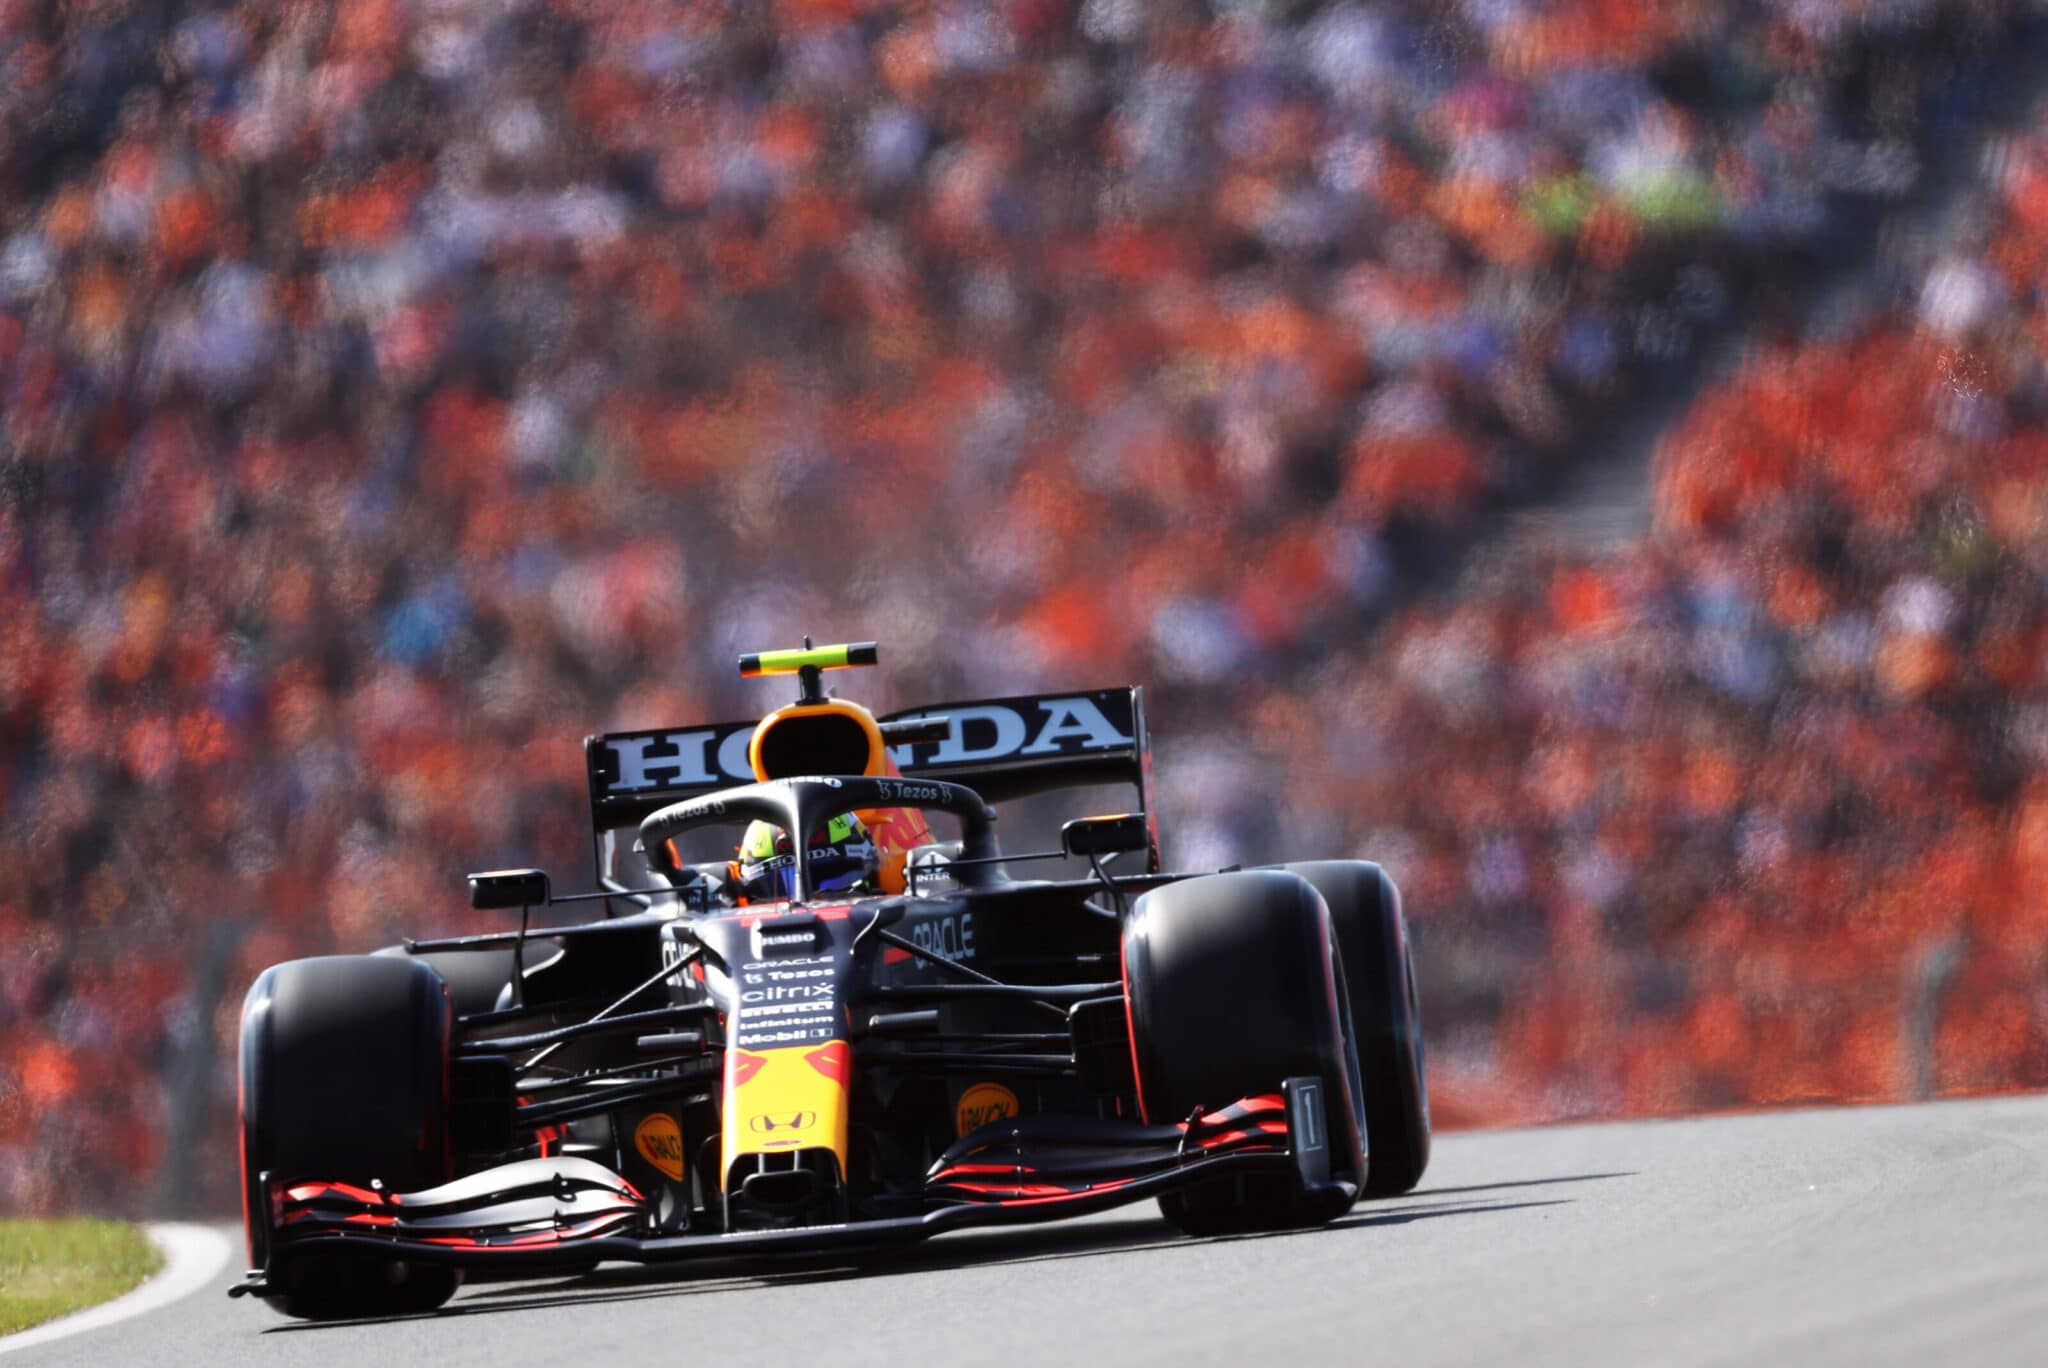 Sergio Perez a Zandvoort. In foto si può notare l'ala posteriore più carica - Copyright foto: Red Bull Content Pool